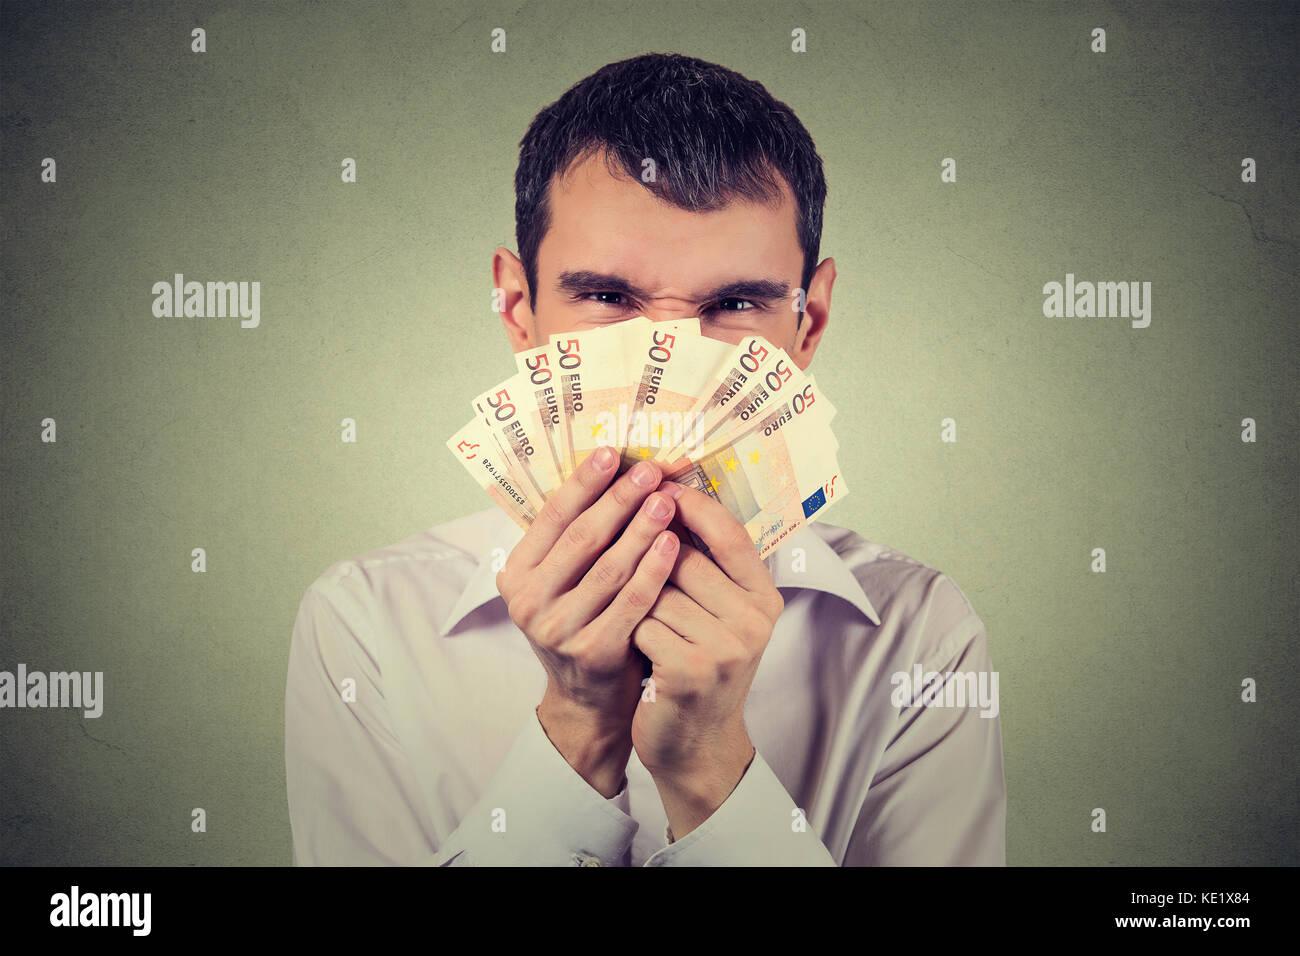 Gierig Mann mit Euro-banknoten Rechnungen auf grauen Hintergrund isoliert Stockbild